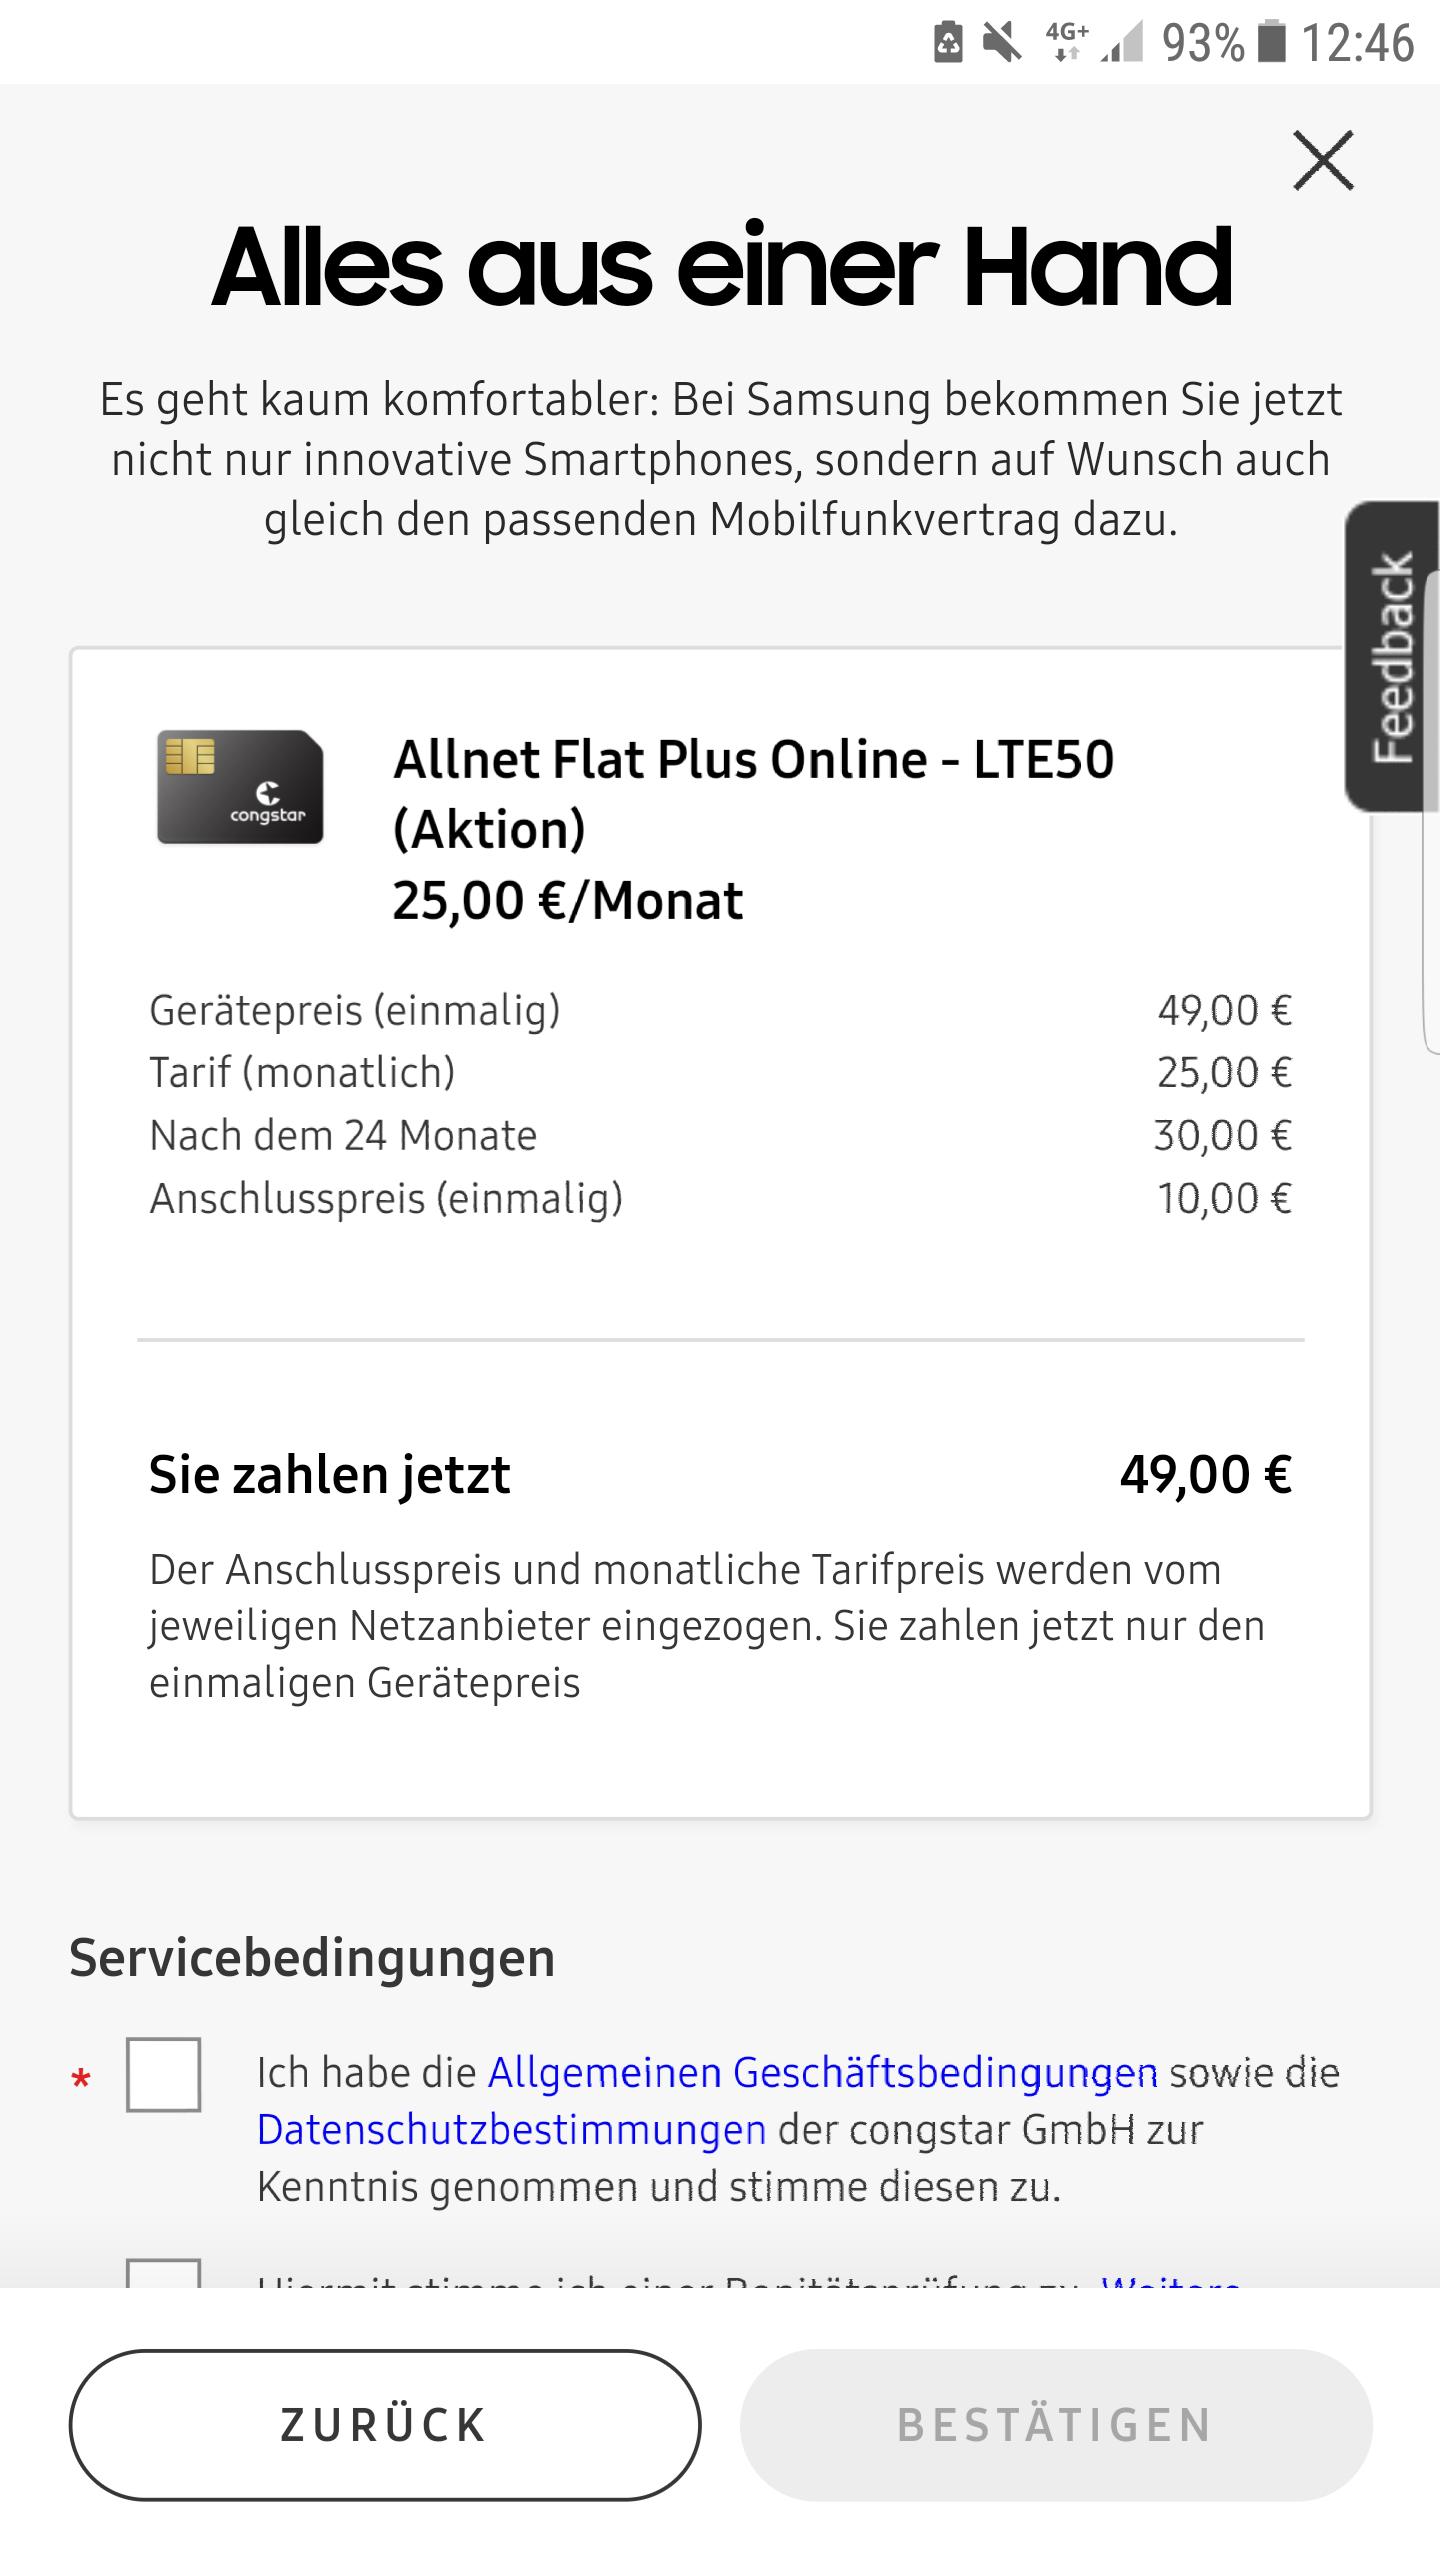 Galaxy S10 [128GB] 10GB LTE (Telekom Netz), All net flat (congstar)